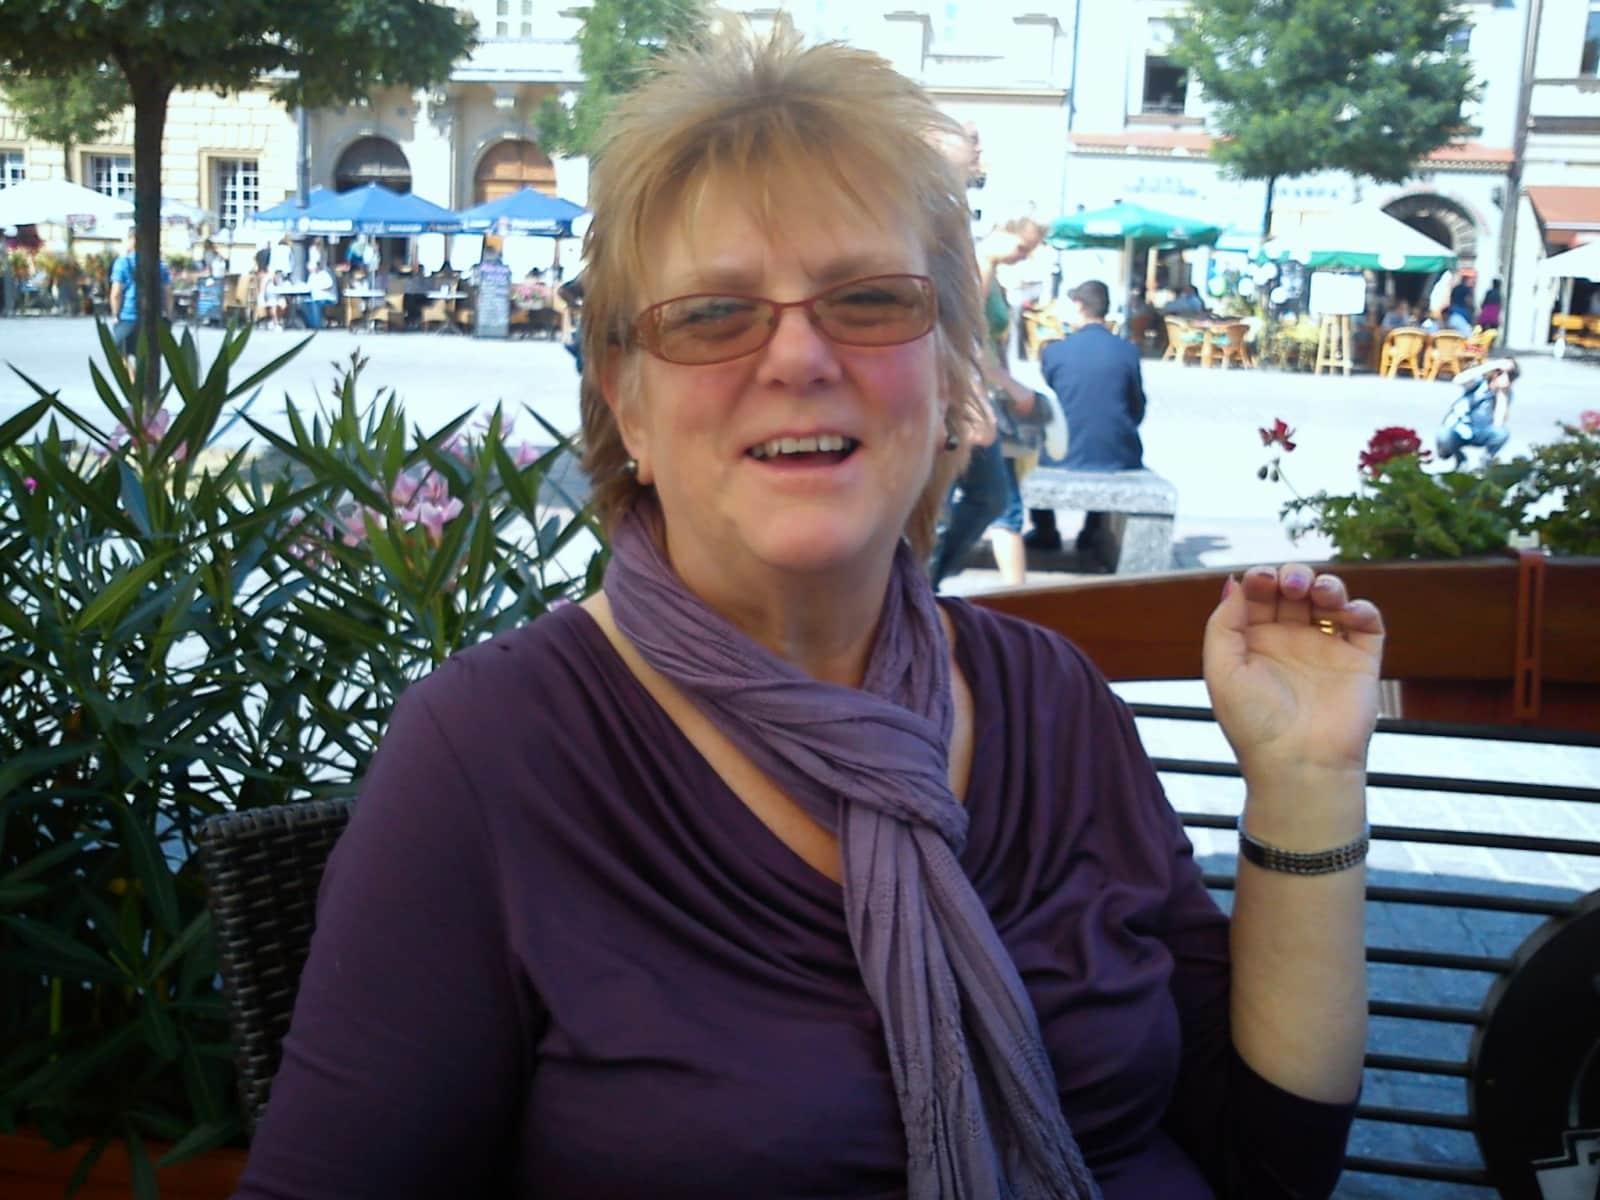 Jen from Dunedin, New Zealand